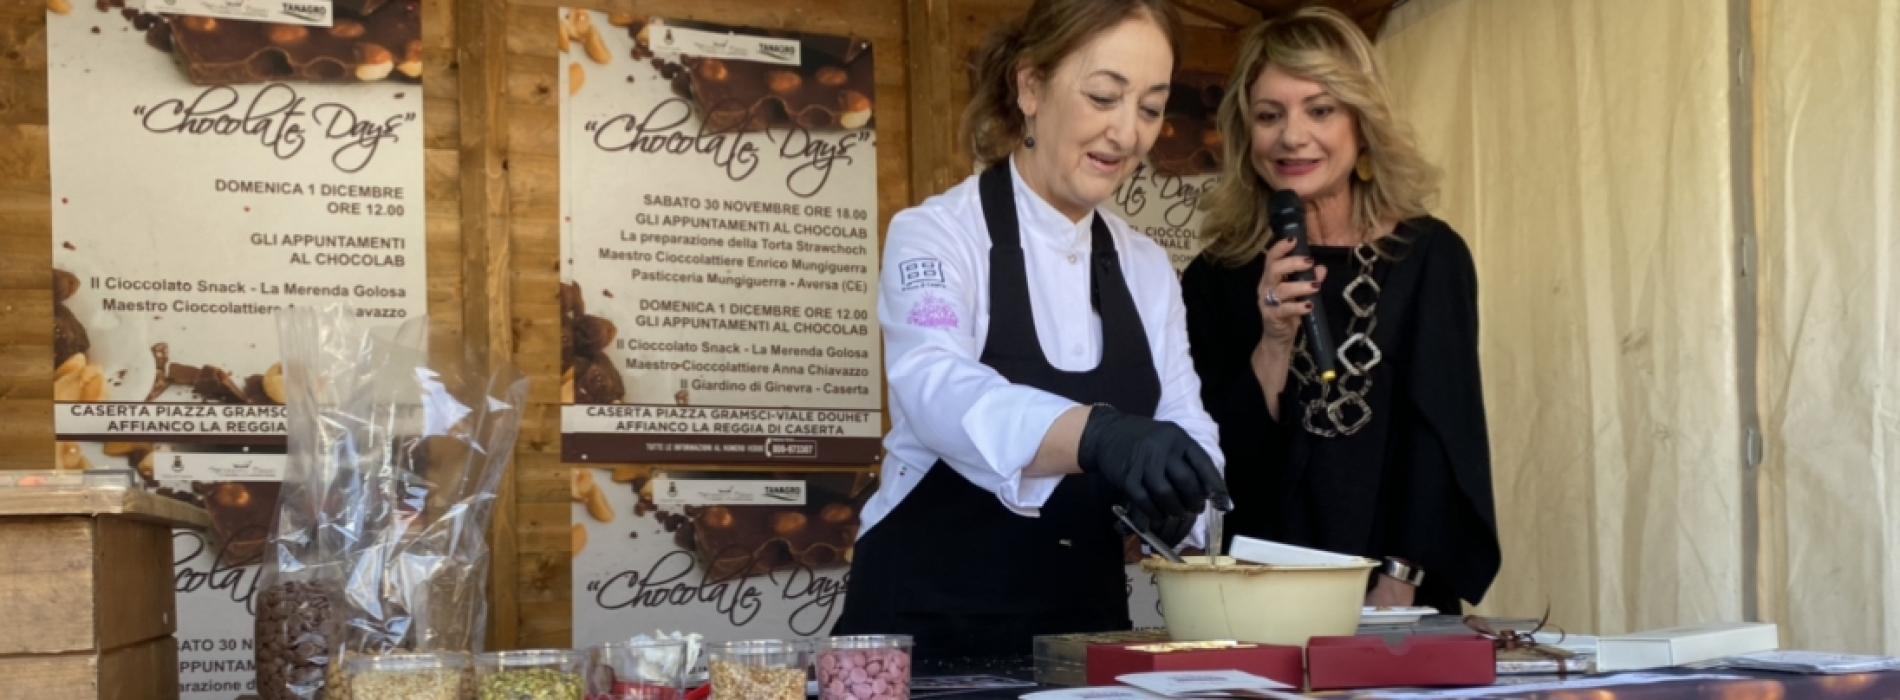 Festa del cioccolato, il Natale a Caserta si apre con dolcezza